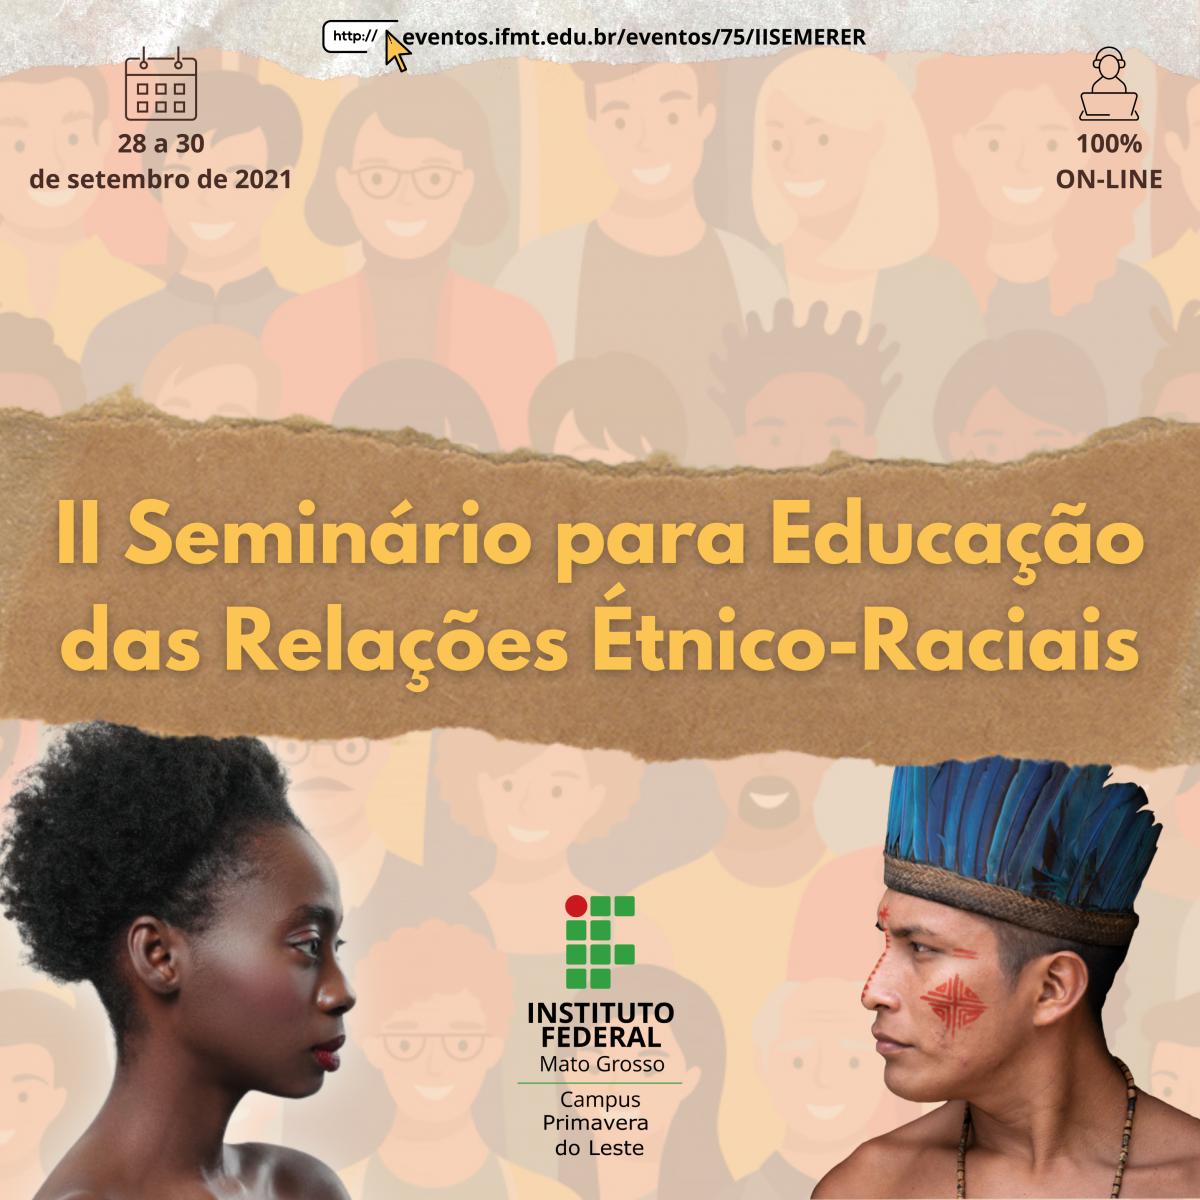 II SEMINÁRIO PARA A EDUCAÇÃO DAS RELAÇÕES ÉTNICO-RACIAIS